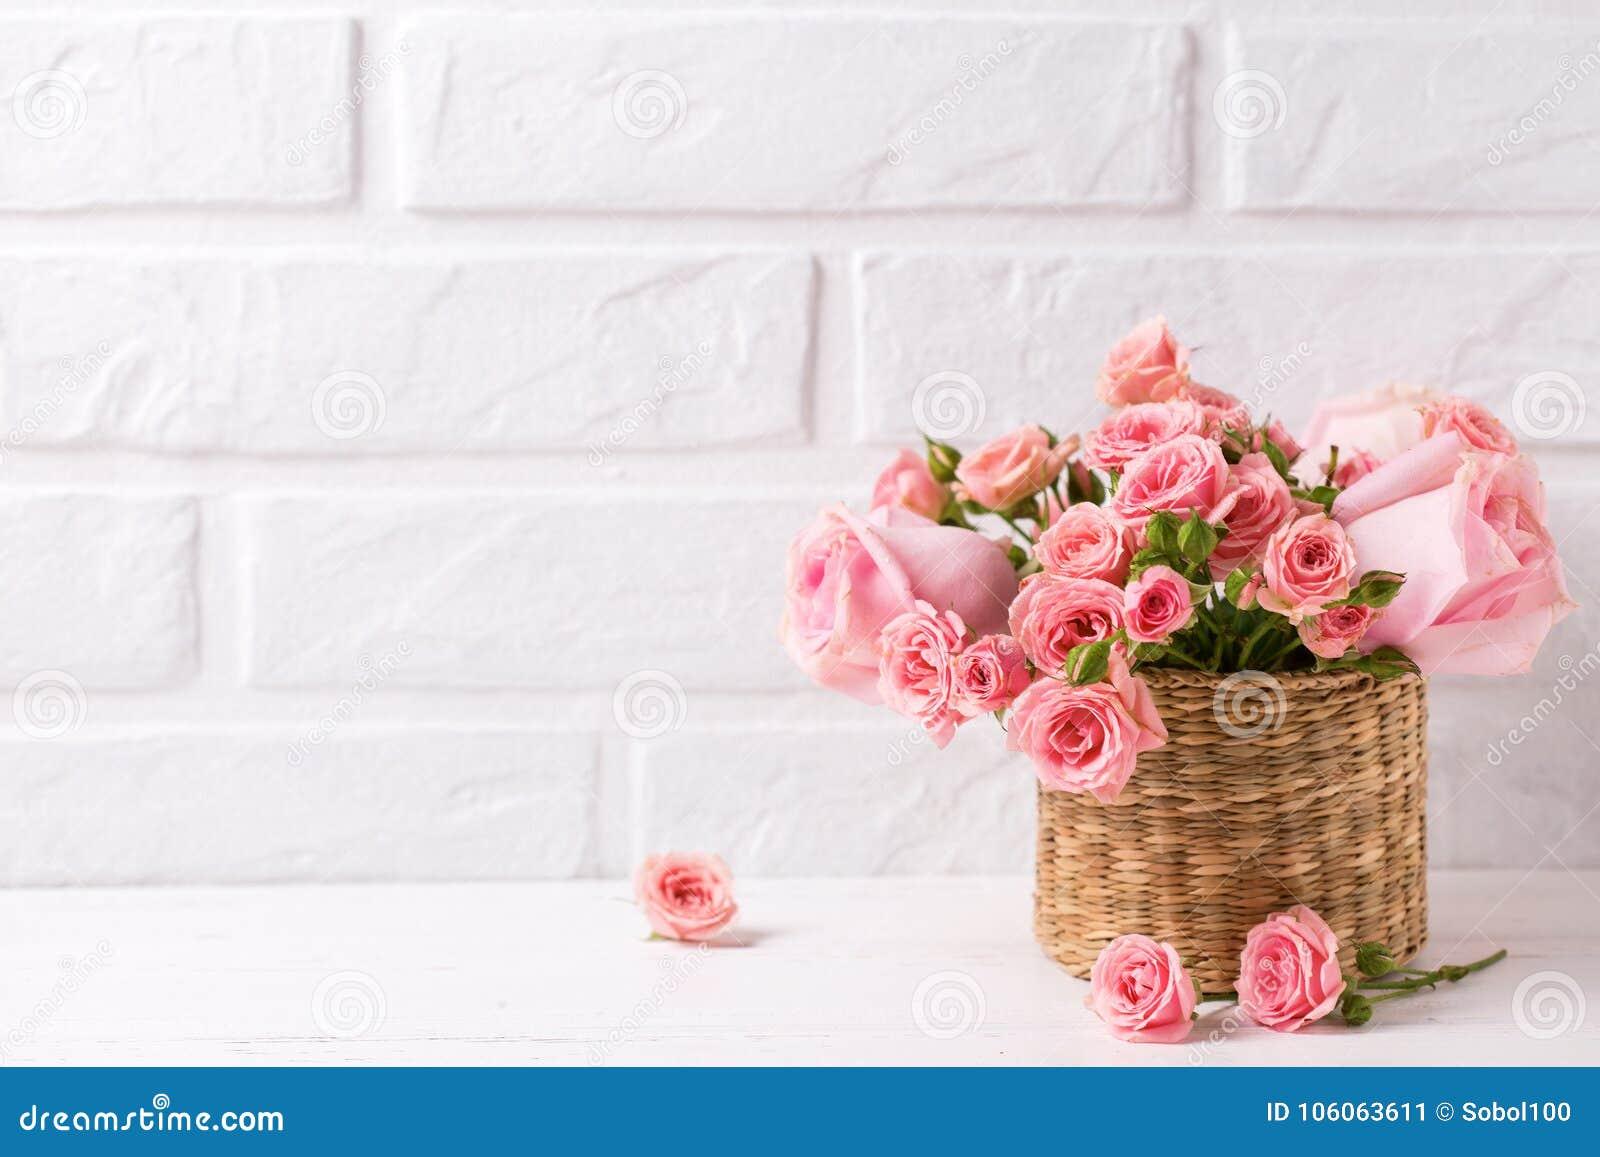 Le fond avec les roses roses fleurit contre le mur de briques blanc